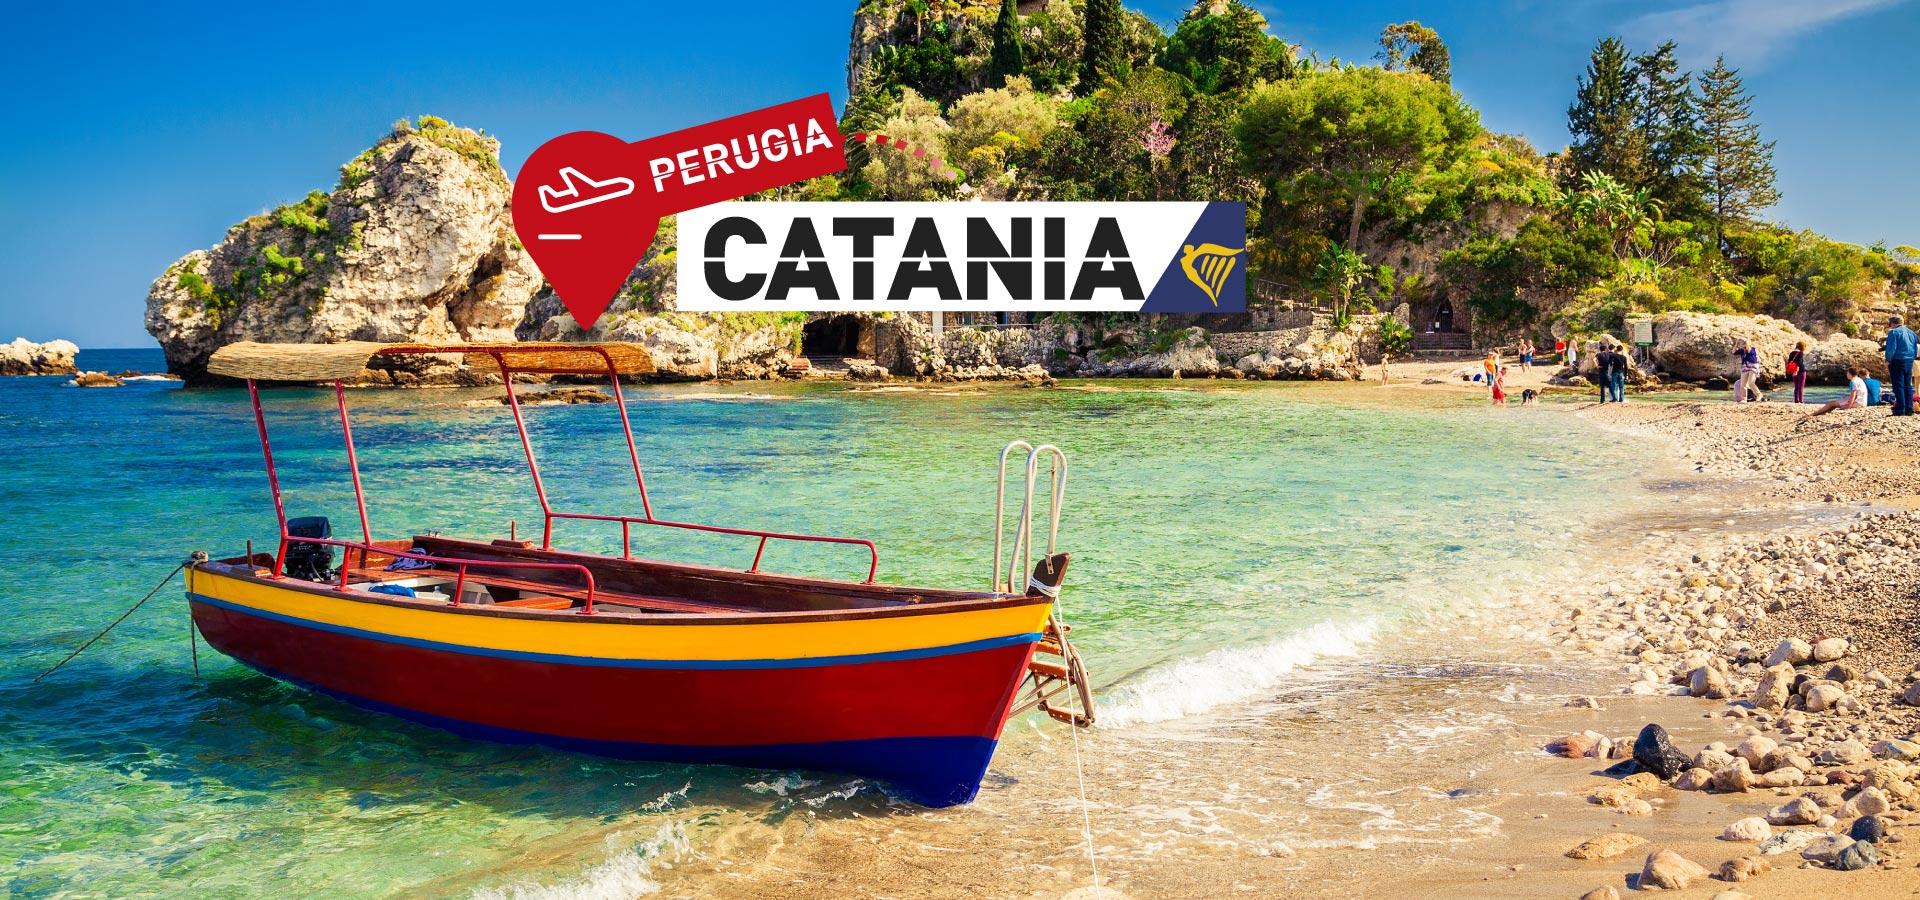 catania-header5